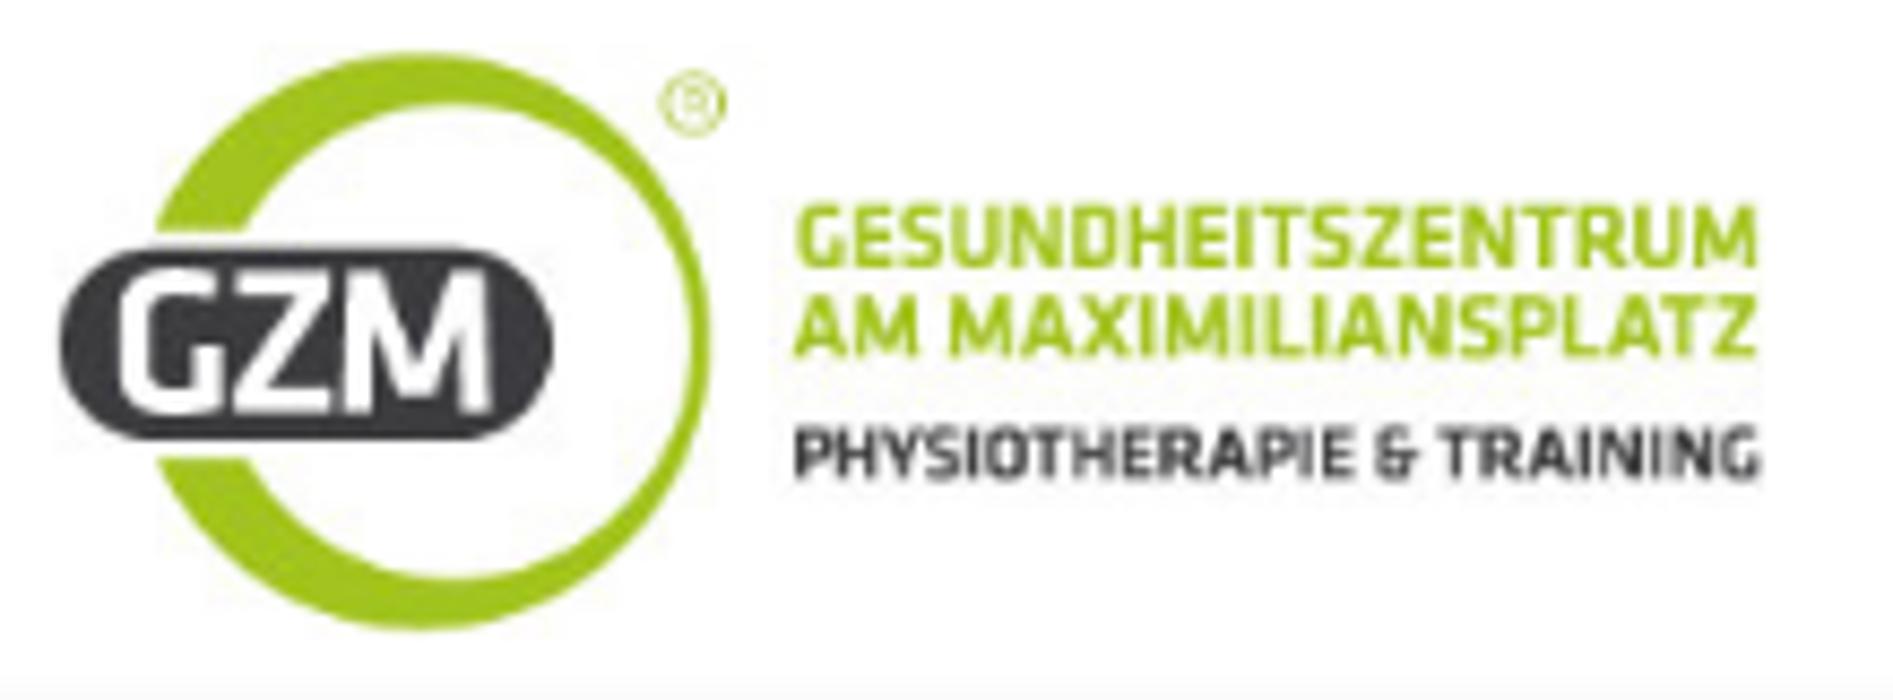 Bild zu GZM - Gesundheitszentrum am Maximiliansplatz Physiotherapie & Training in München